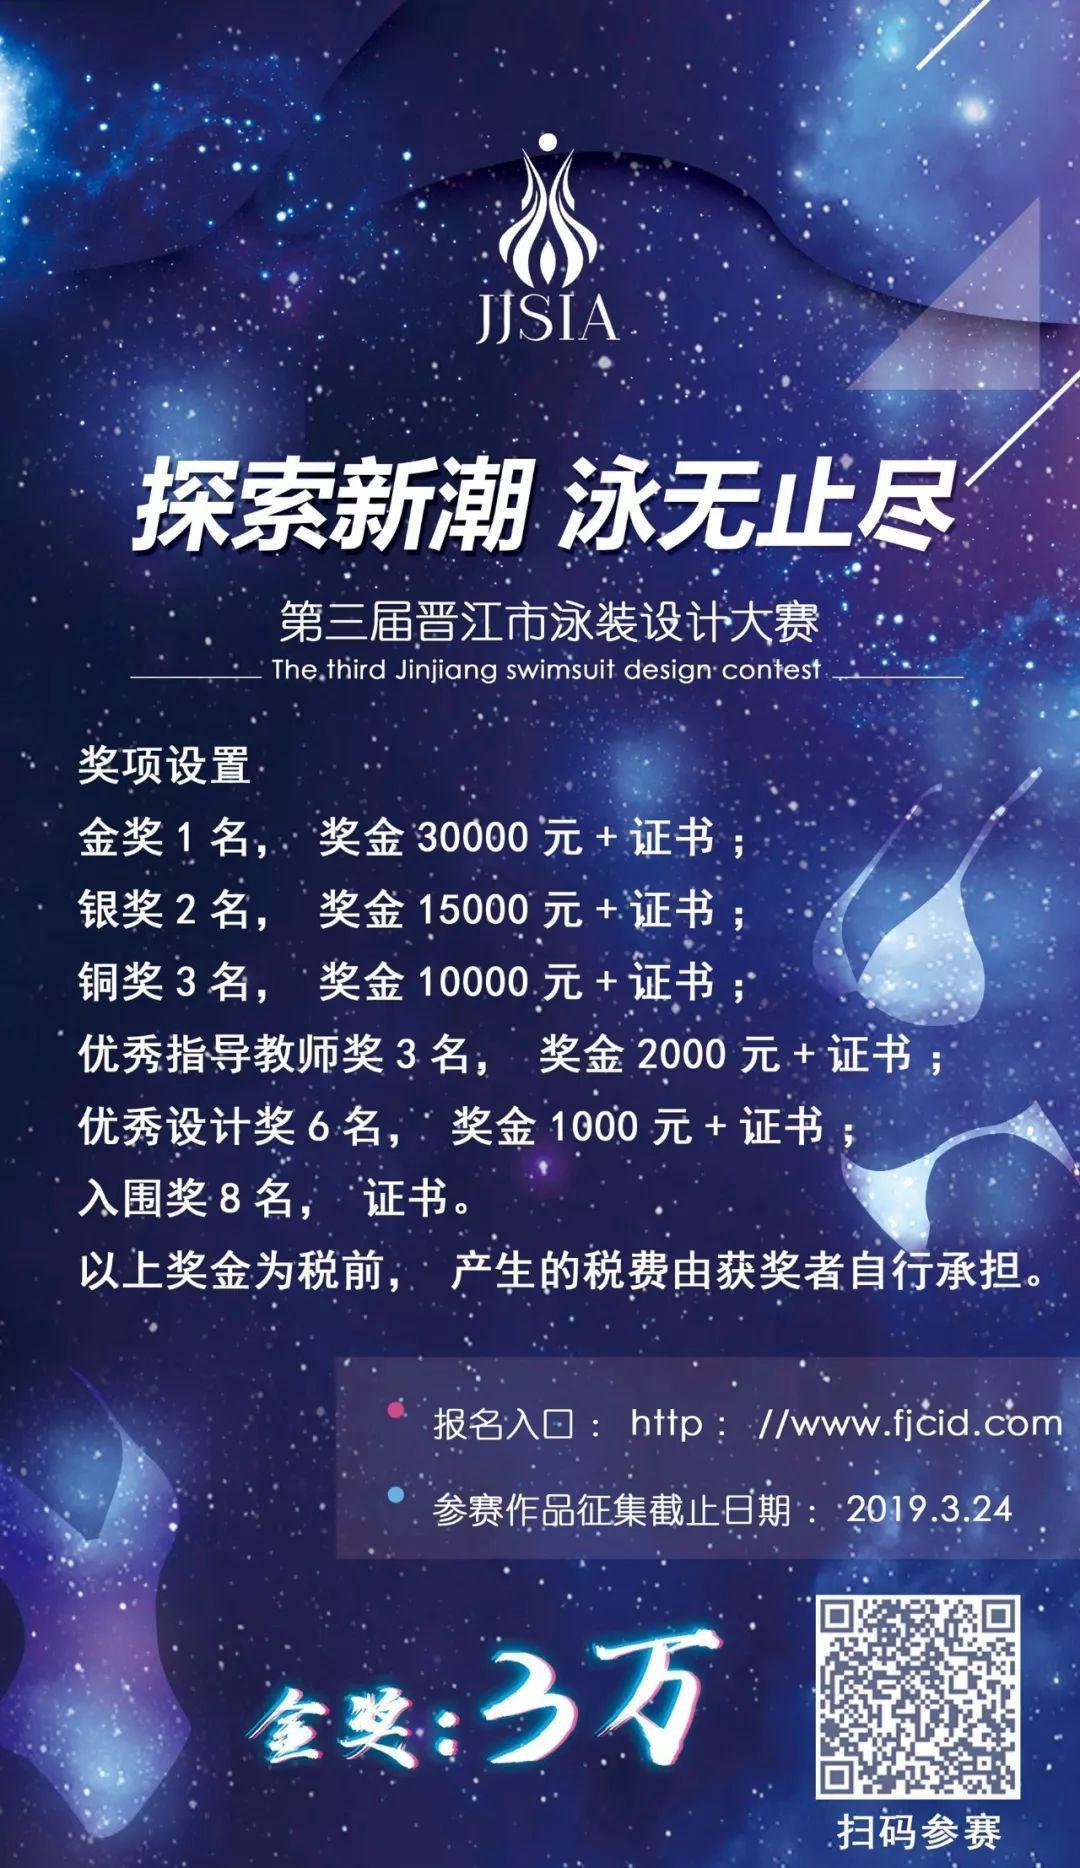 2019年晉江市第三屆泳裝設計大賽